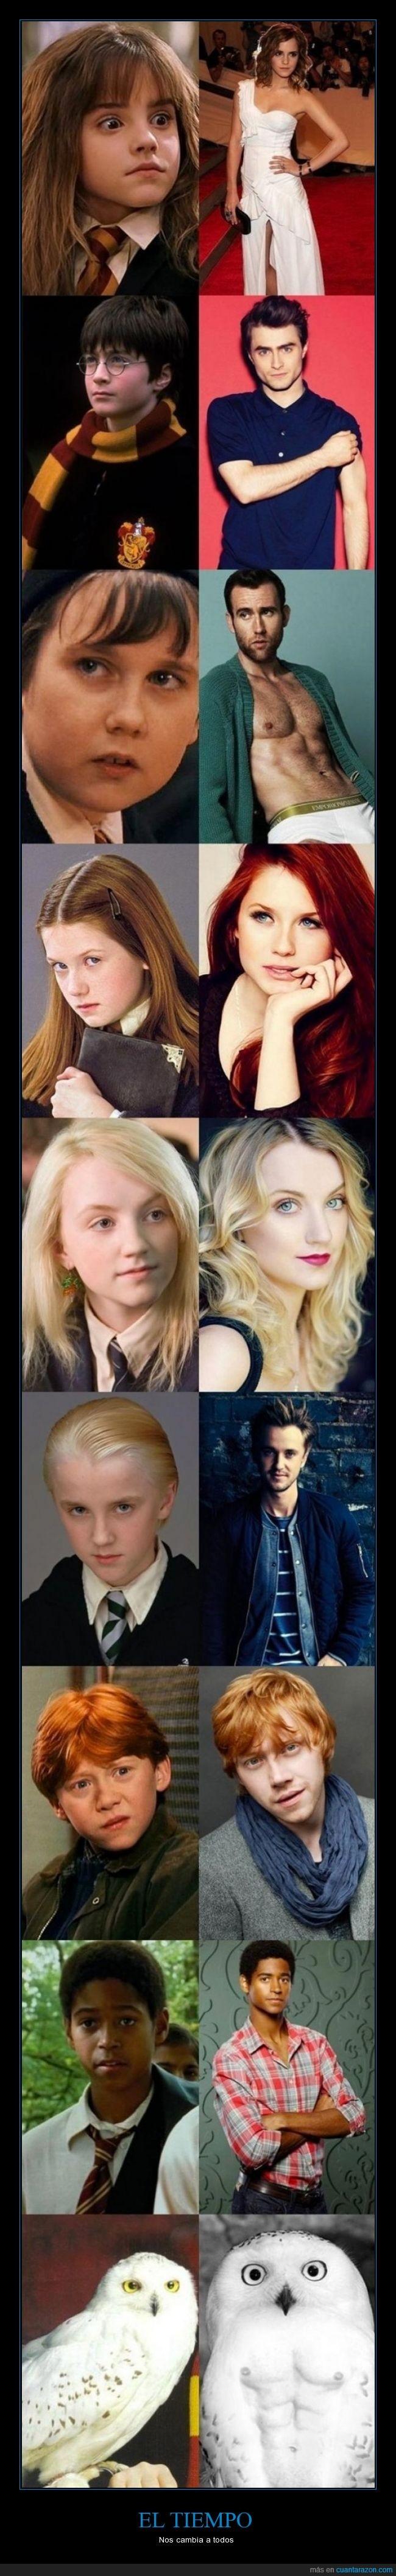 abdominales,actor,cartel,Emma Watson,harry potter,Hedwig,lechuza,Matthew Lewis,que cambios,Ruper Grint,tiempo